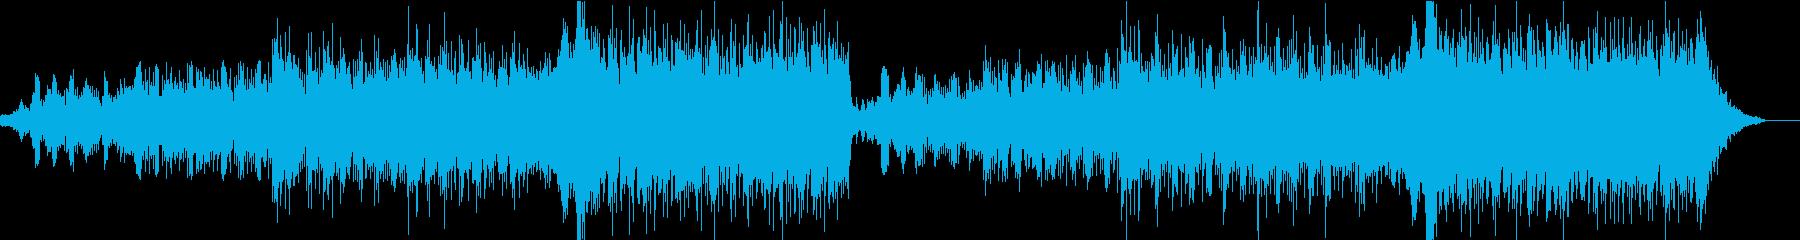 エレクトロ 交響曲 広い 壮大 感...の再生済みの波形